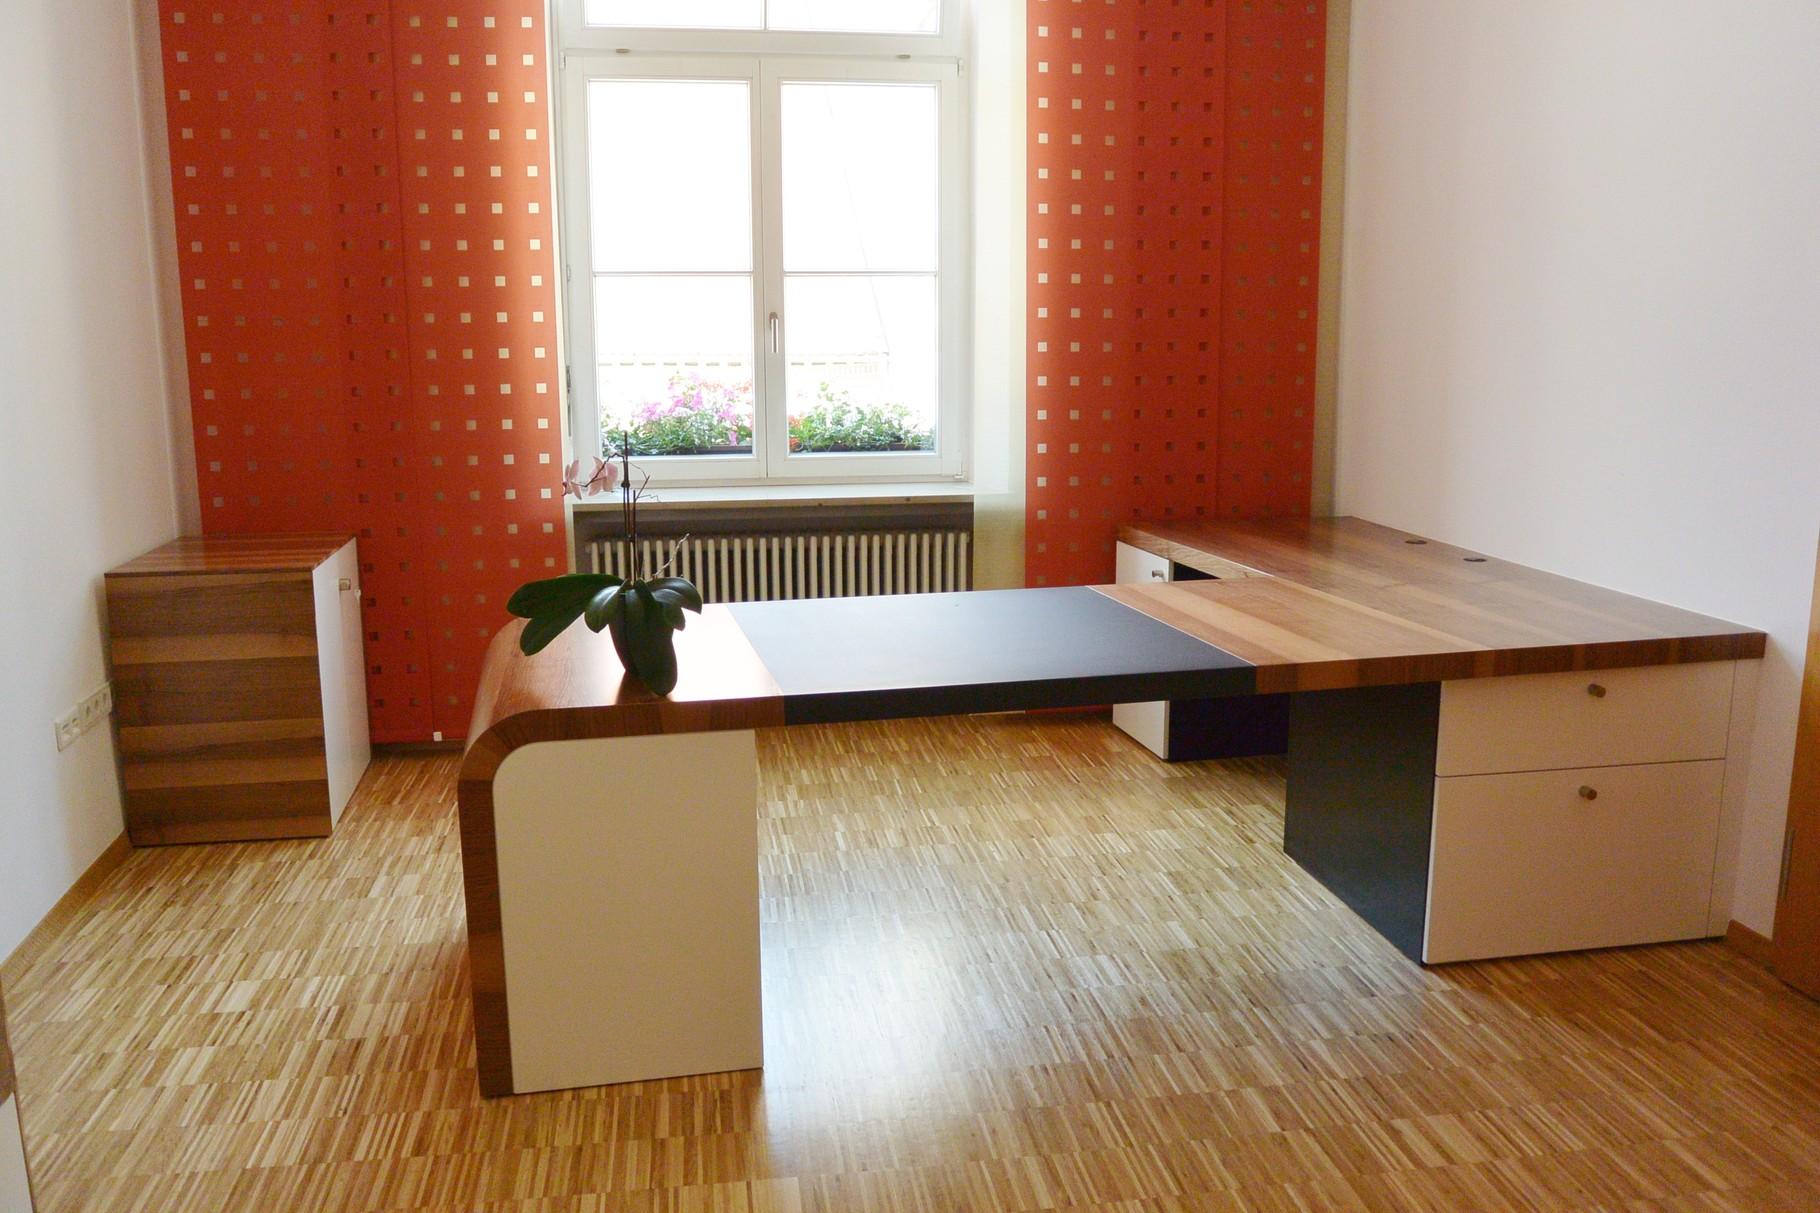 Büroeinrichtung weiß lackiert und Nussbaum furniert - Schreibtisch